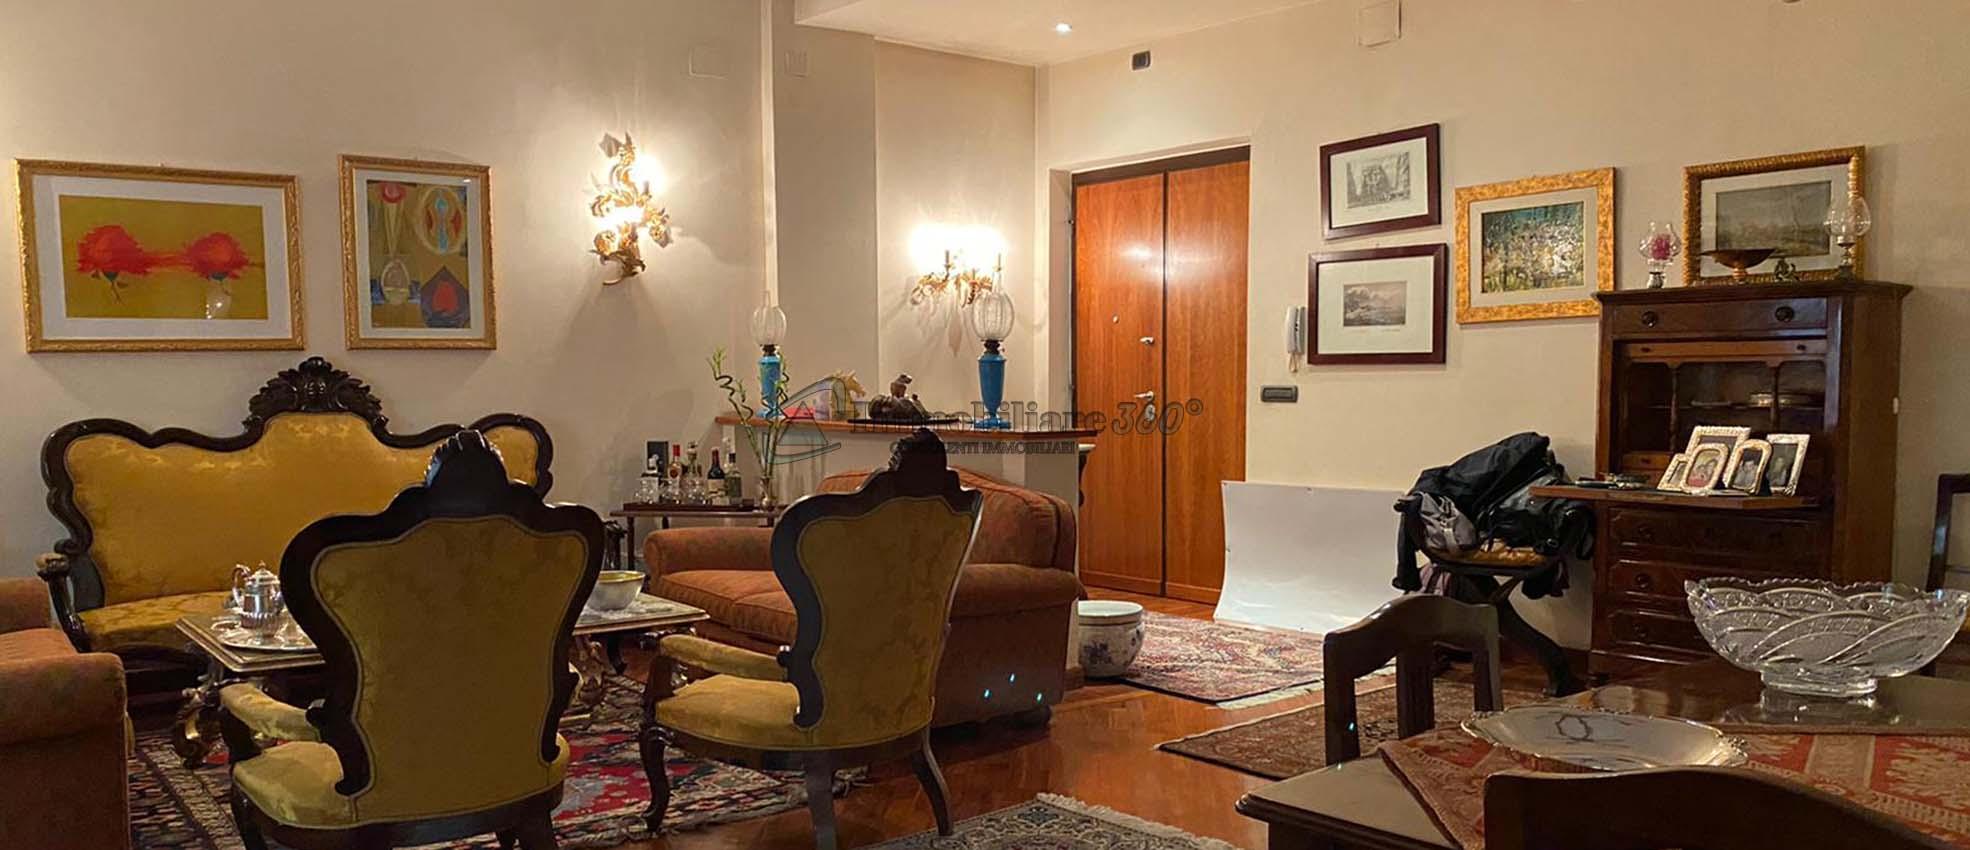 Appartamento al centro ben rifinito